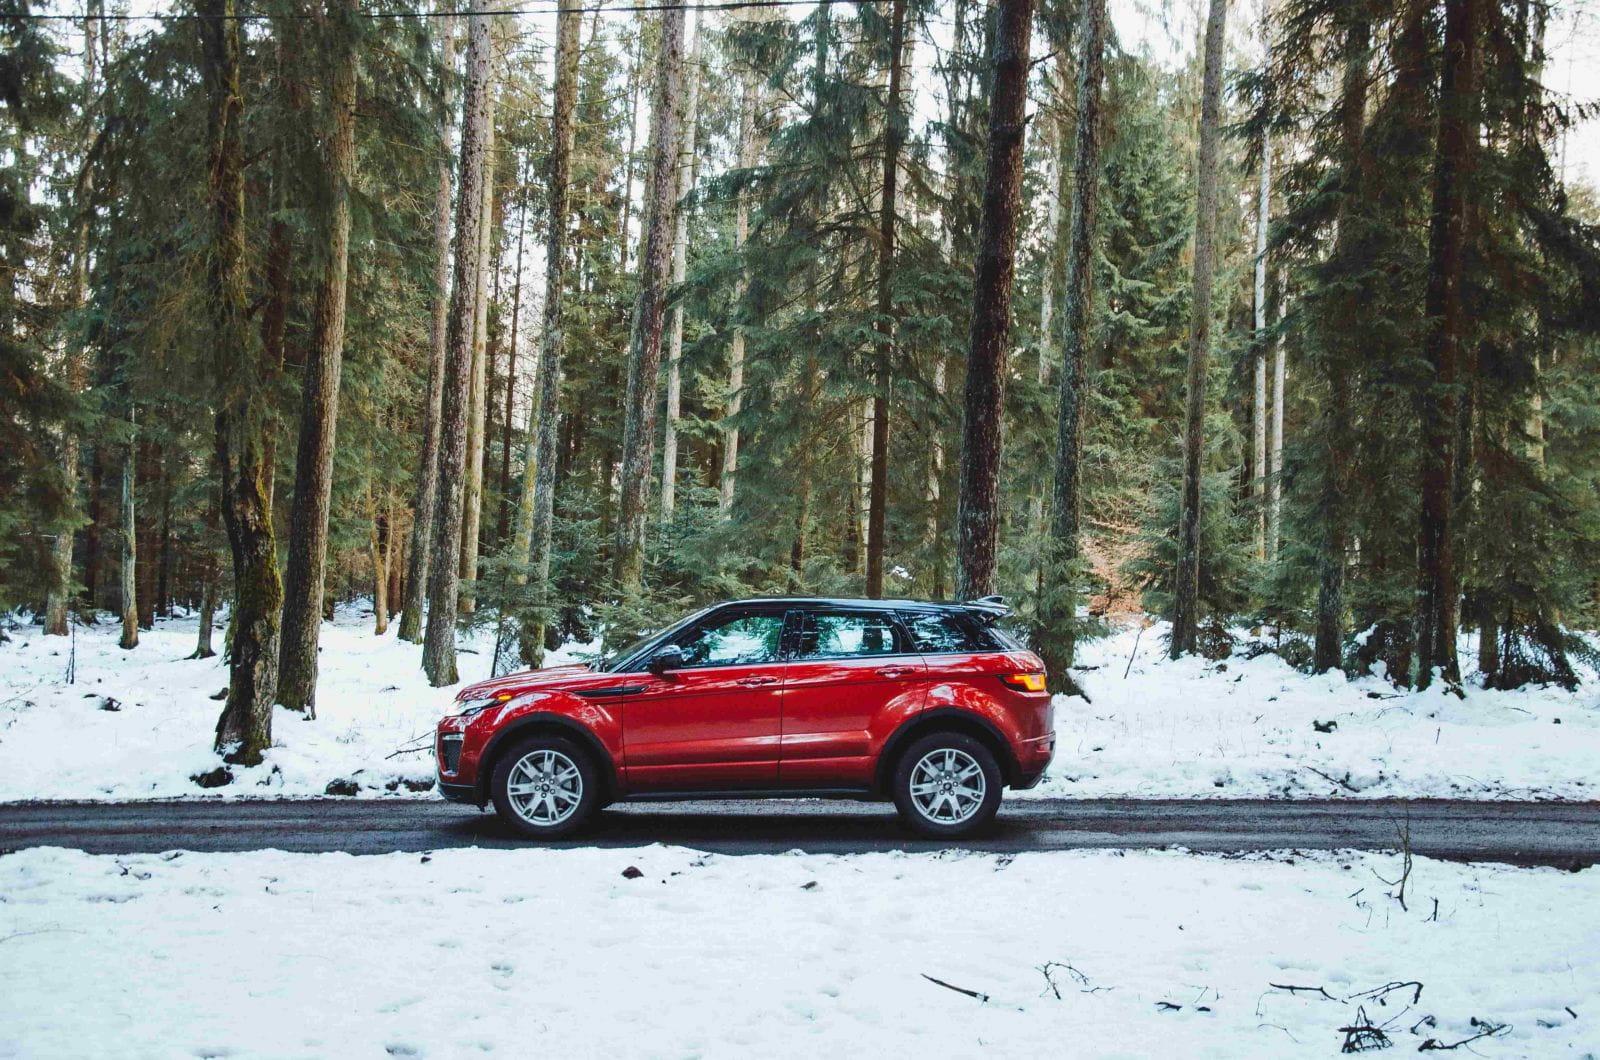 внедорожник зимой в лесу